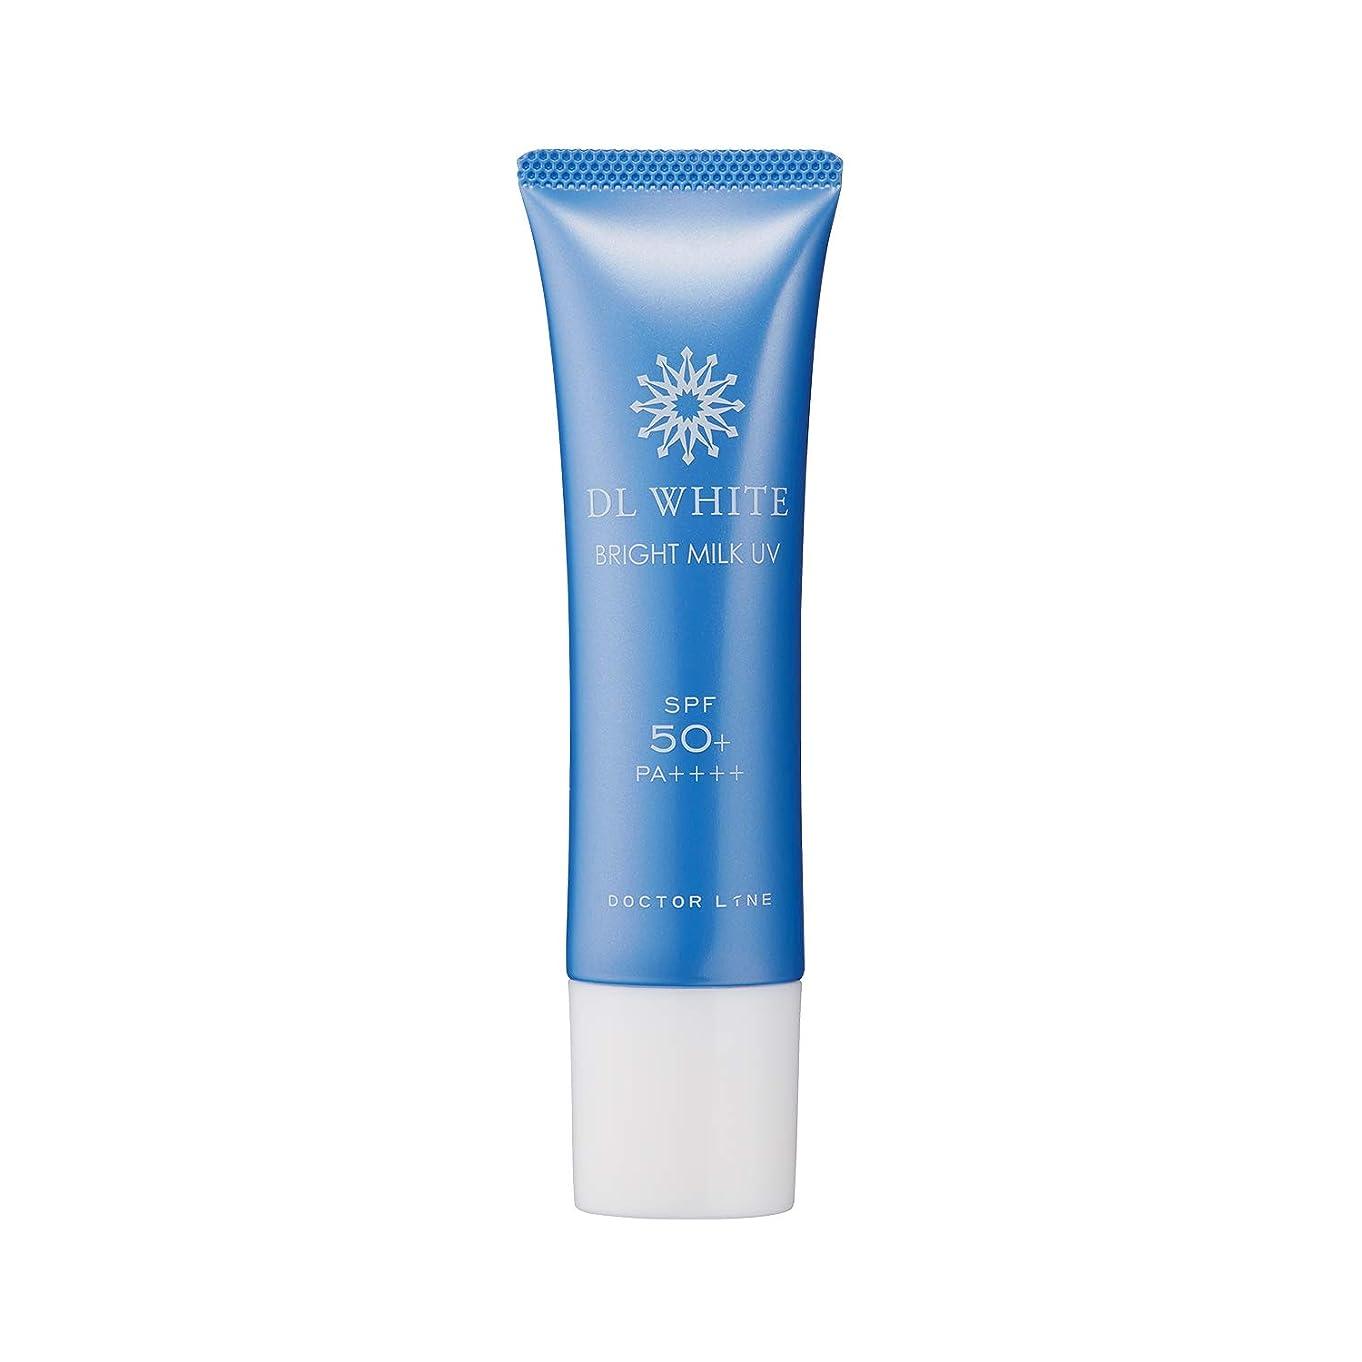 ドクターライン(Doctor Line) DLホワイト ブライトミルク UV(SPF50+ PA++++) 30g